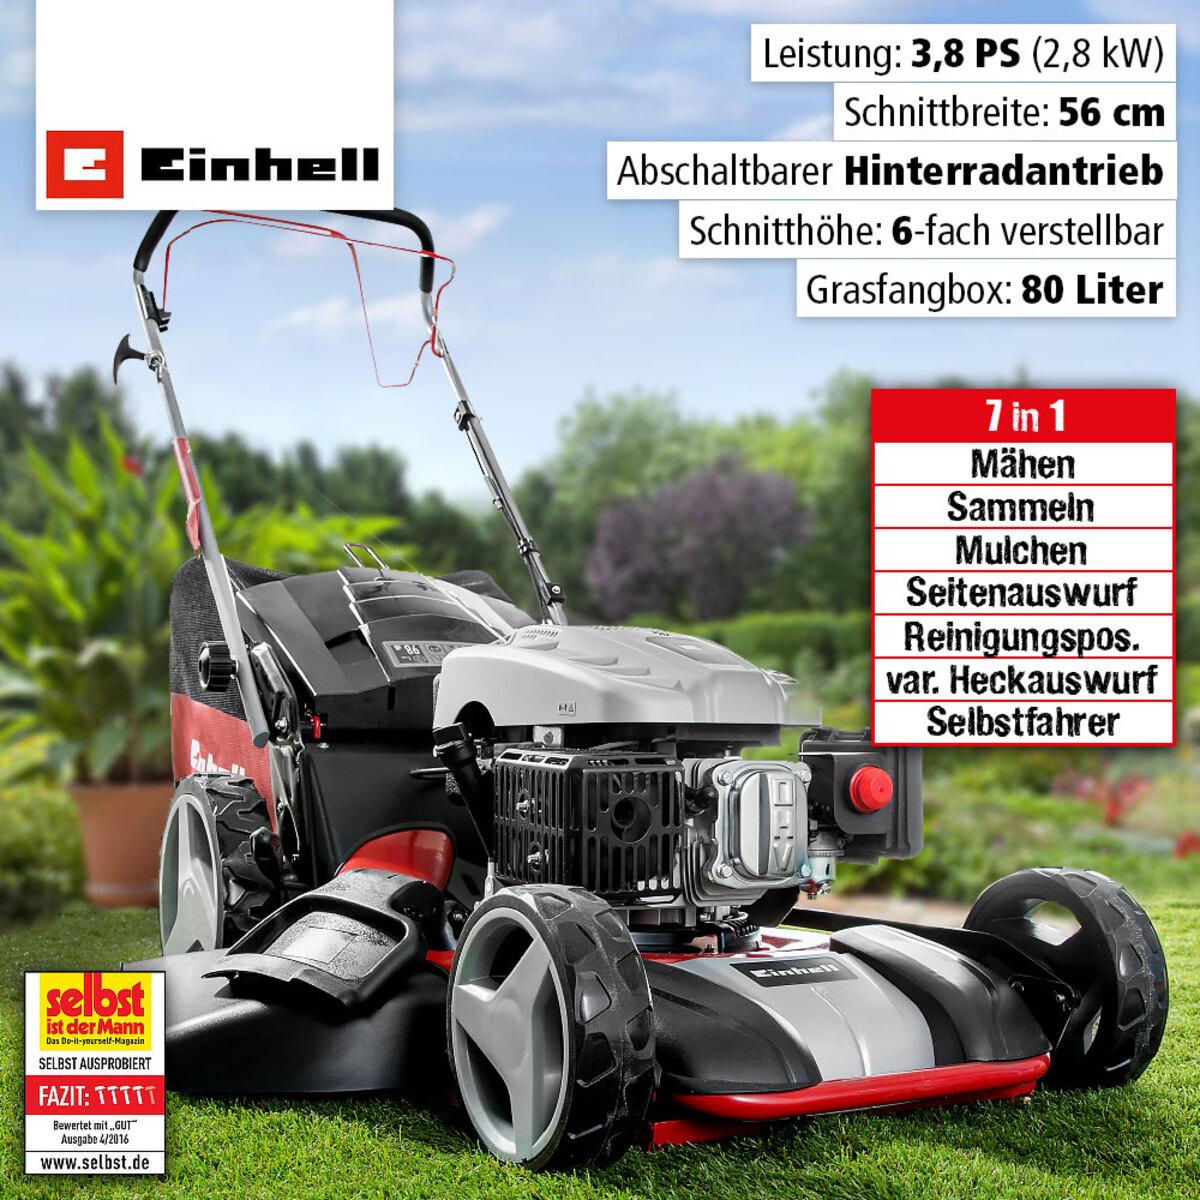 Bild 2 von Einhell Benzin-Rasenmäher 7 in 1 - GC-PM 56/3 S HW